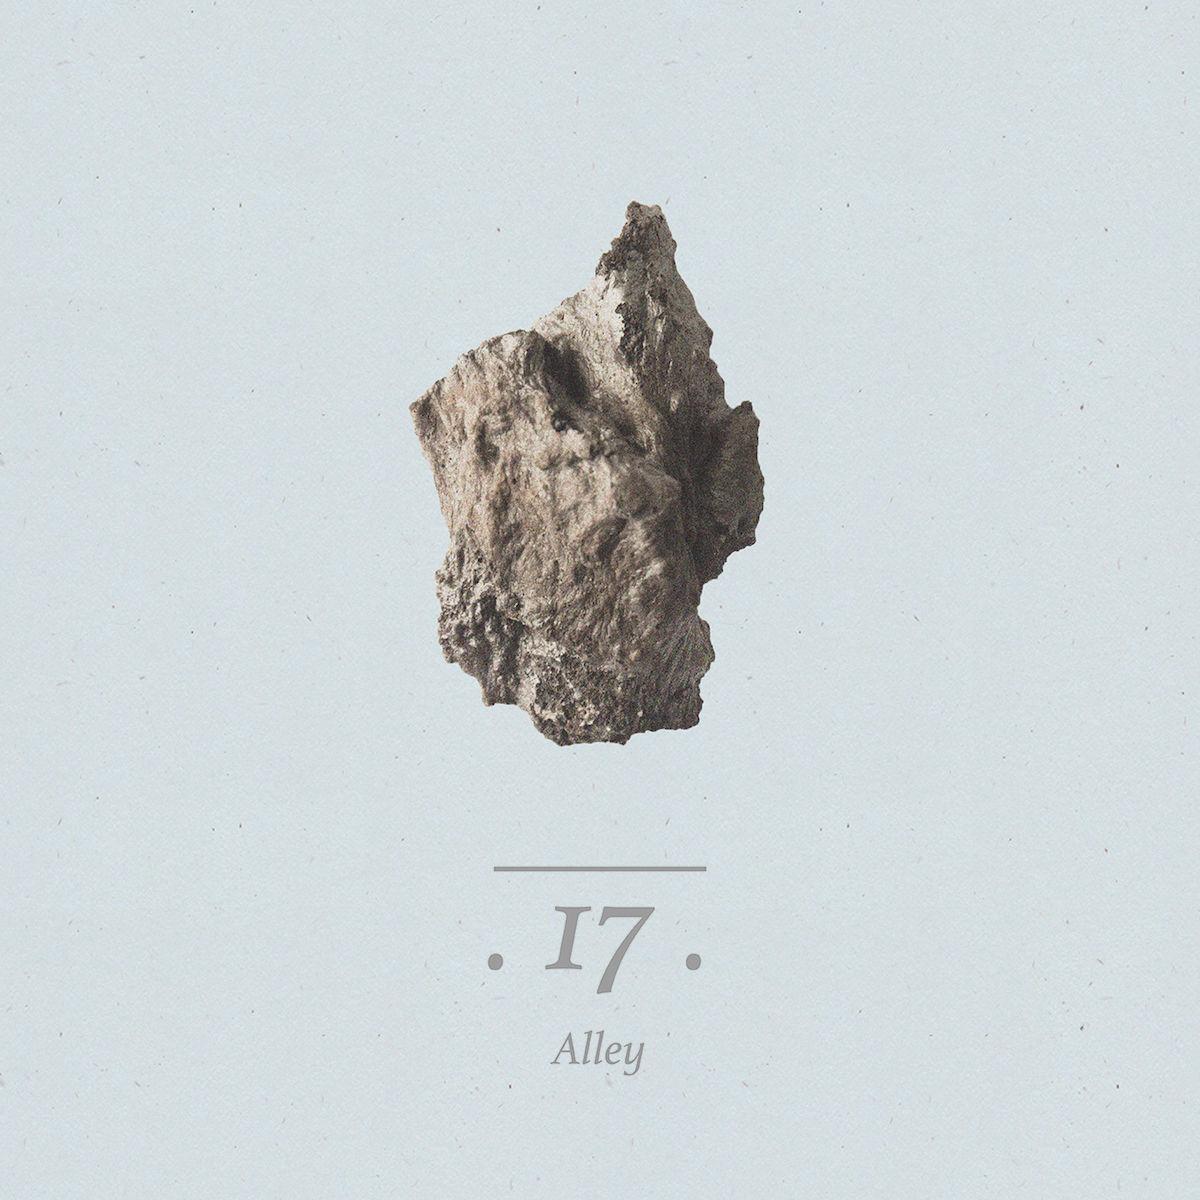 ポストクラシカル好きは要チェック!イタリア人アーティストAlleyによるアルバム『17』 music180222_alley_2-1200x1200